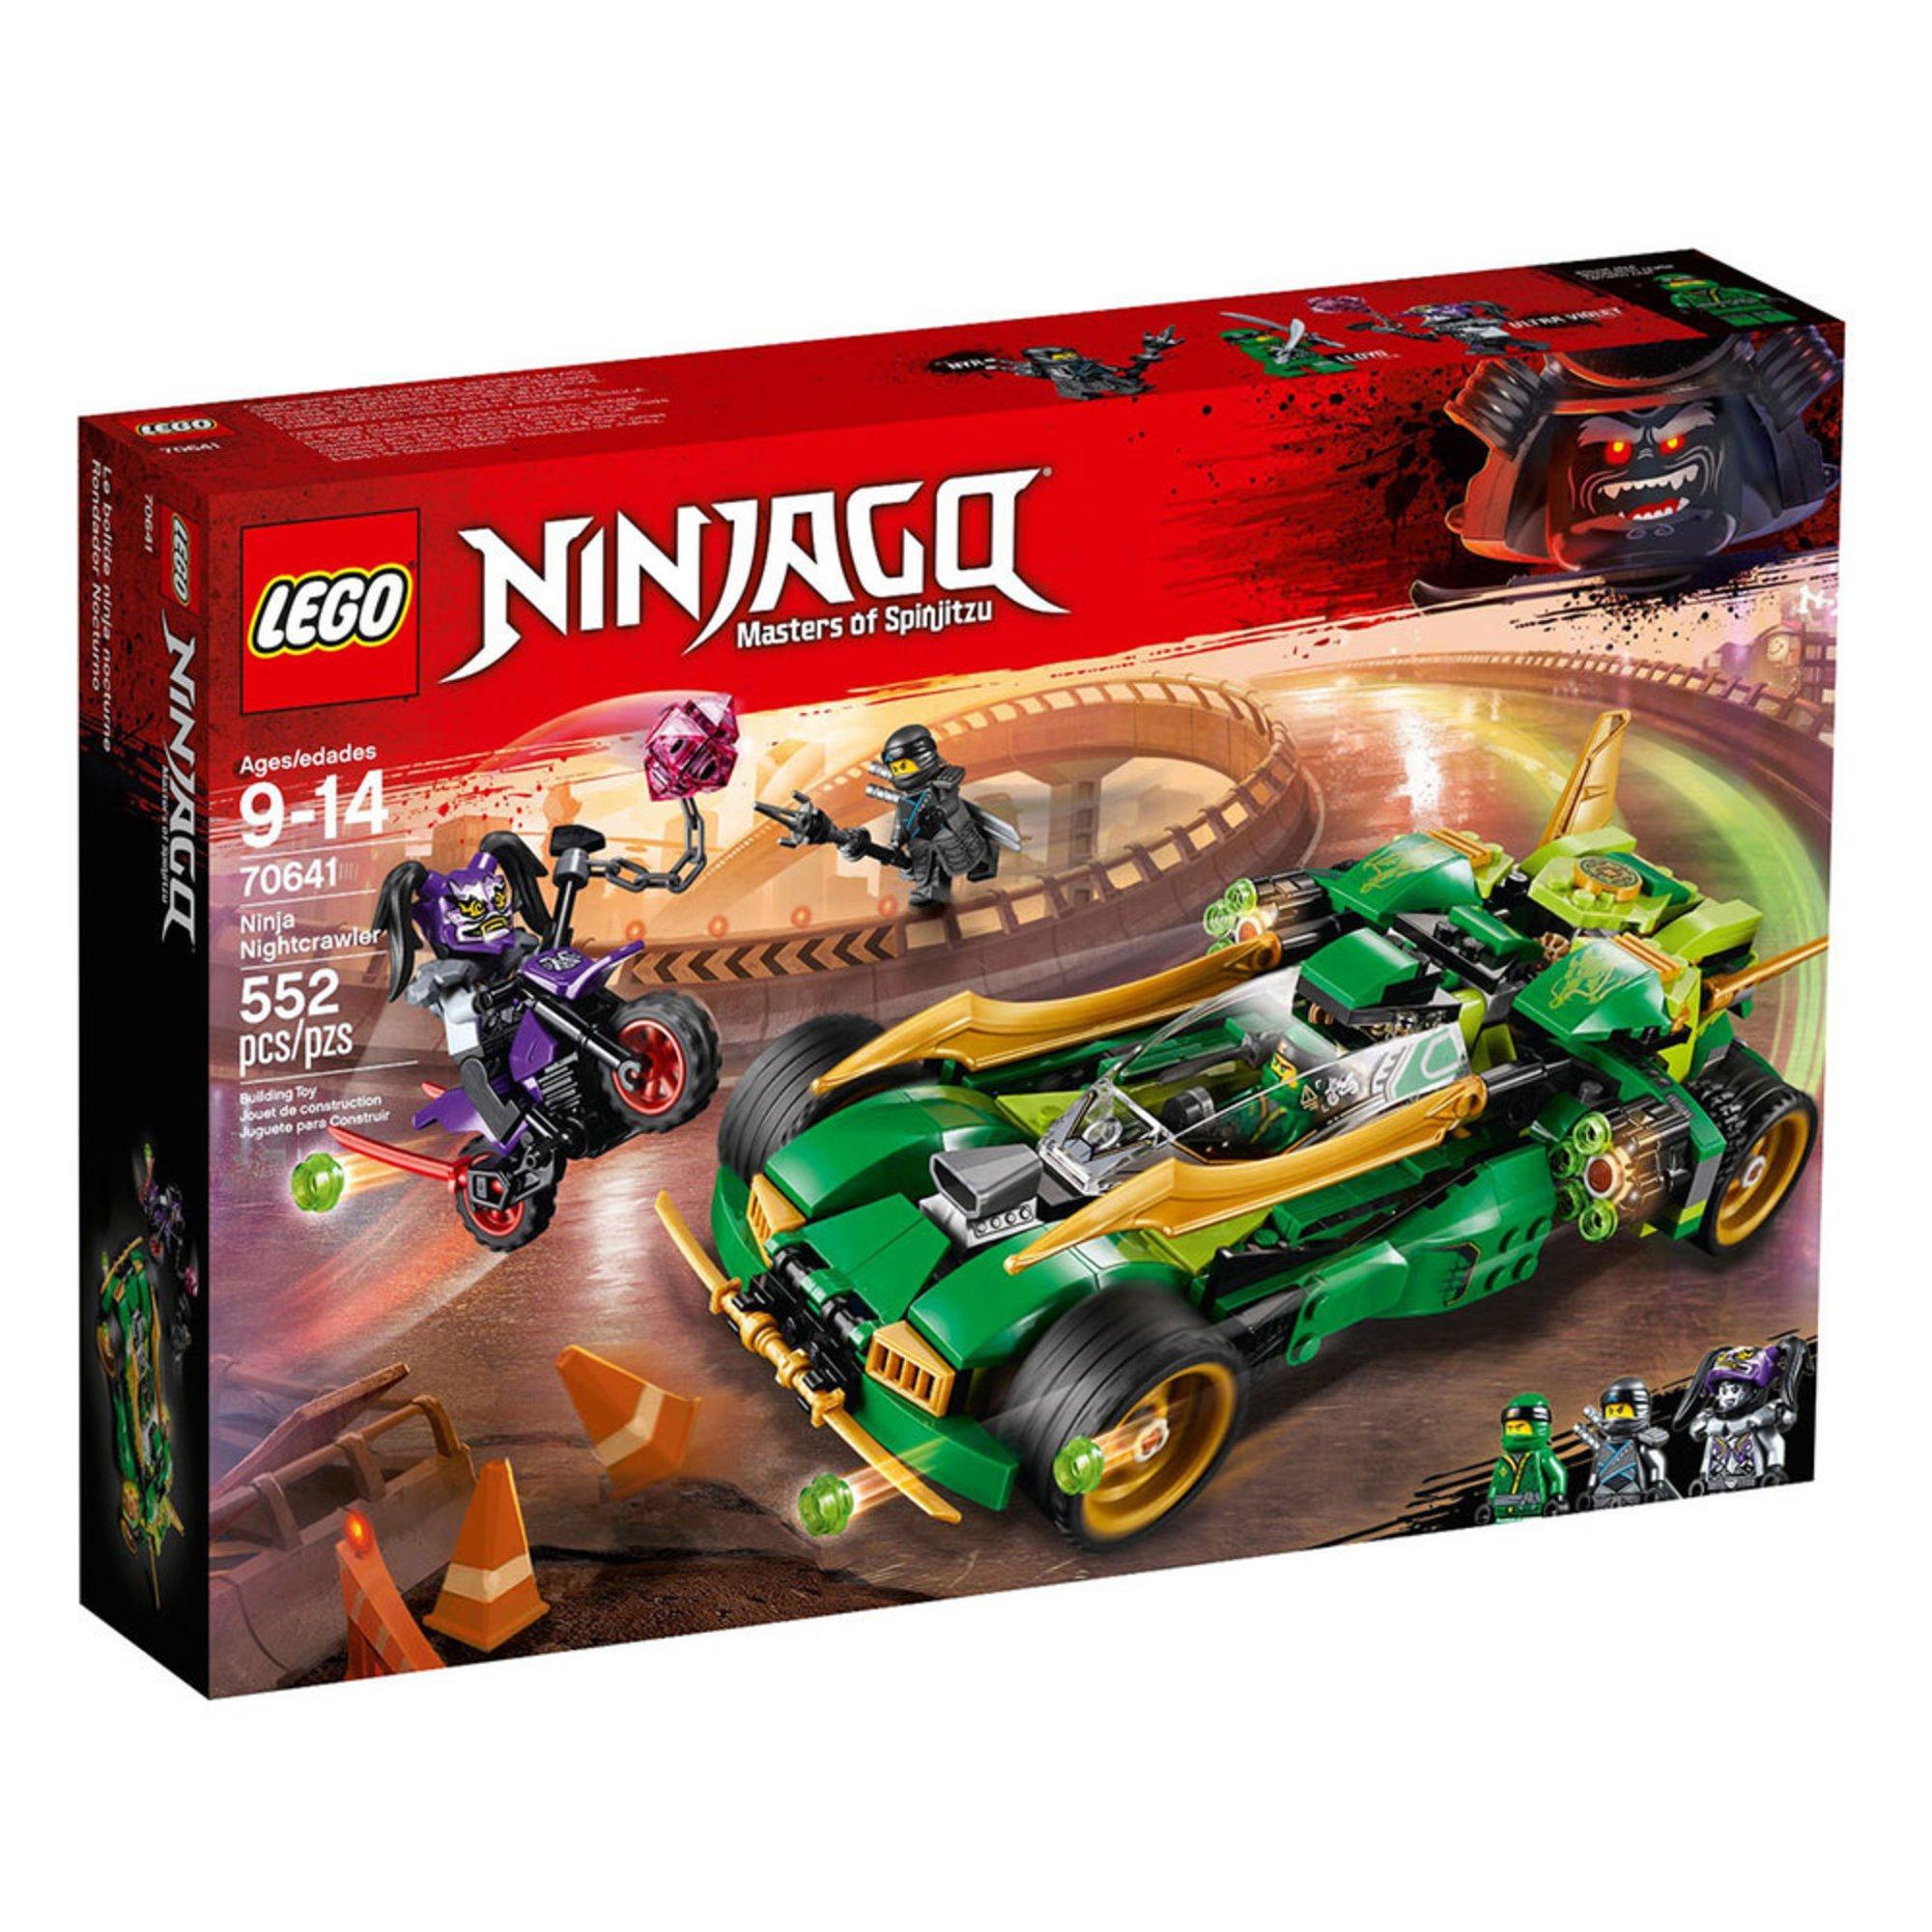 Nightcrawler70641 Ninjago Ninja Lego Ninjago Ninja Lego Nightcrawler70641 PkZuXi